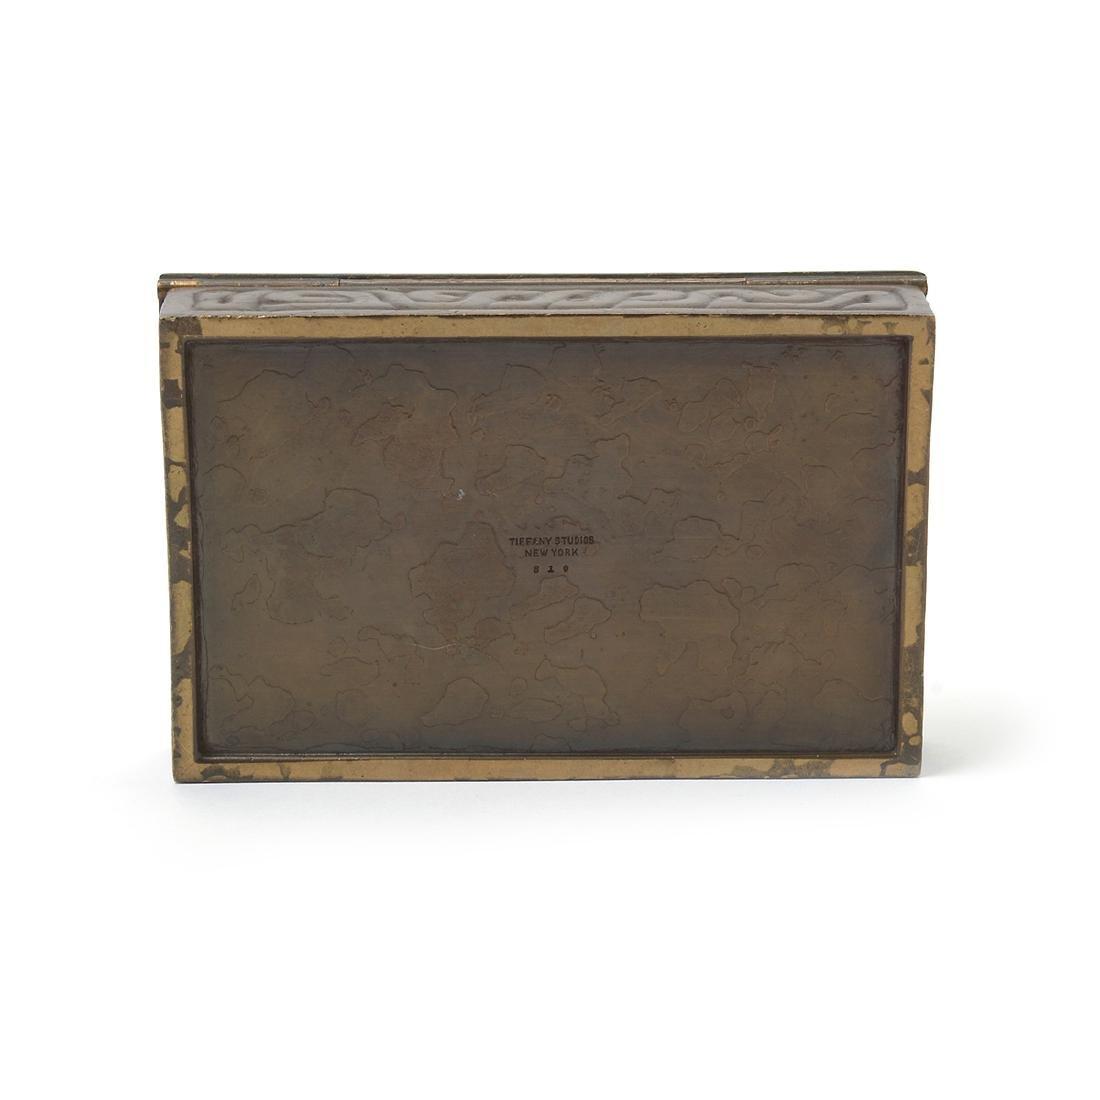 Tiffany Studios Zodiac Box #810 and Tiffany Studios - 6